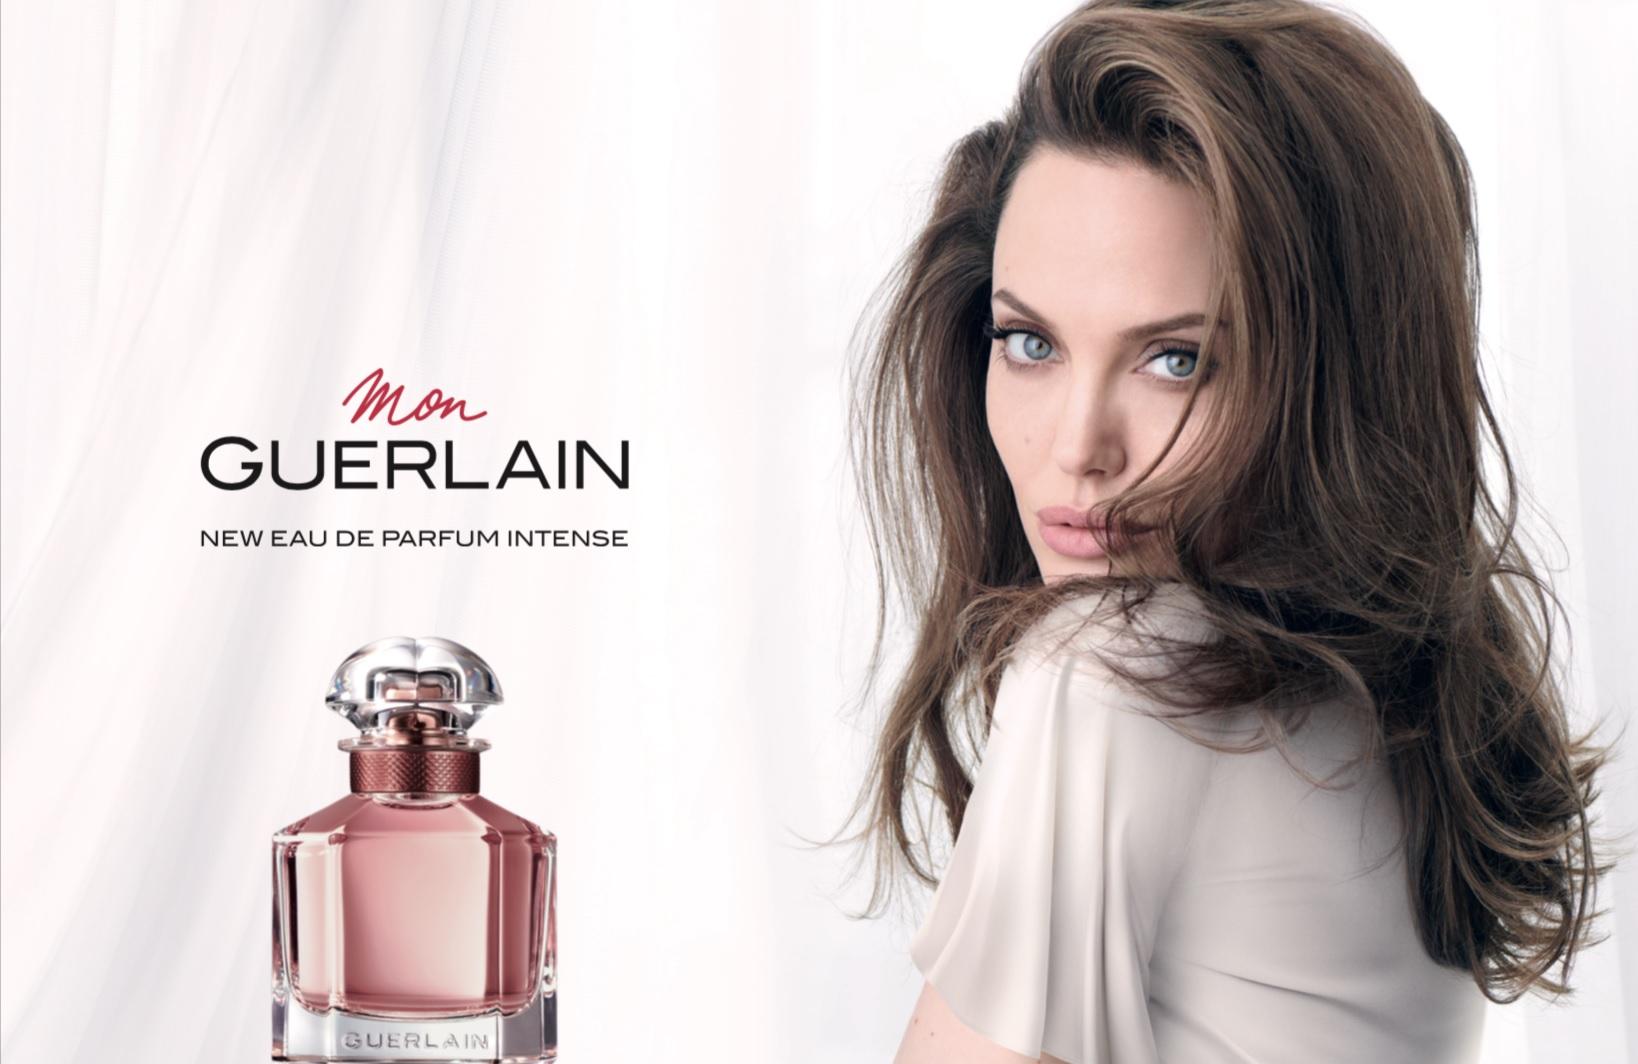 Guerlain-Mon-Guerlain-Eau-De-Parfum-Intense-Banner-01.jpg